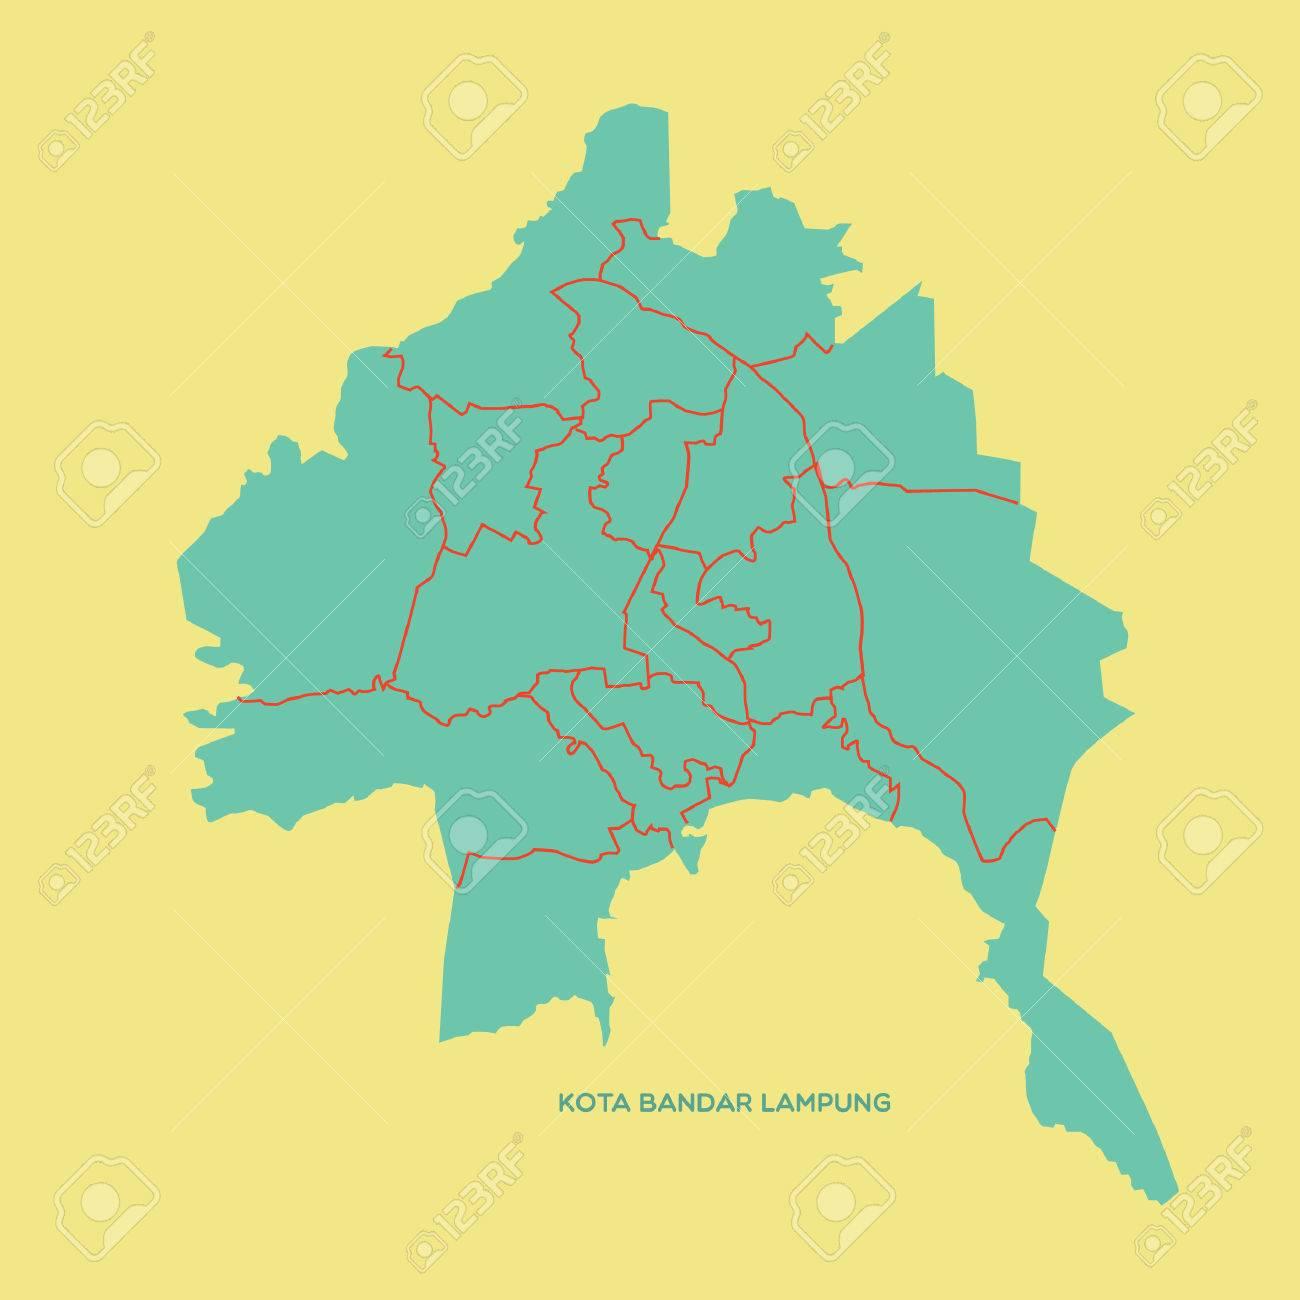 Map Of Kota Bandar Lampung Royalty Free Cliparts Vectors And Stock Illustration Image 52631741